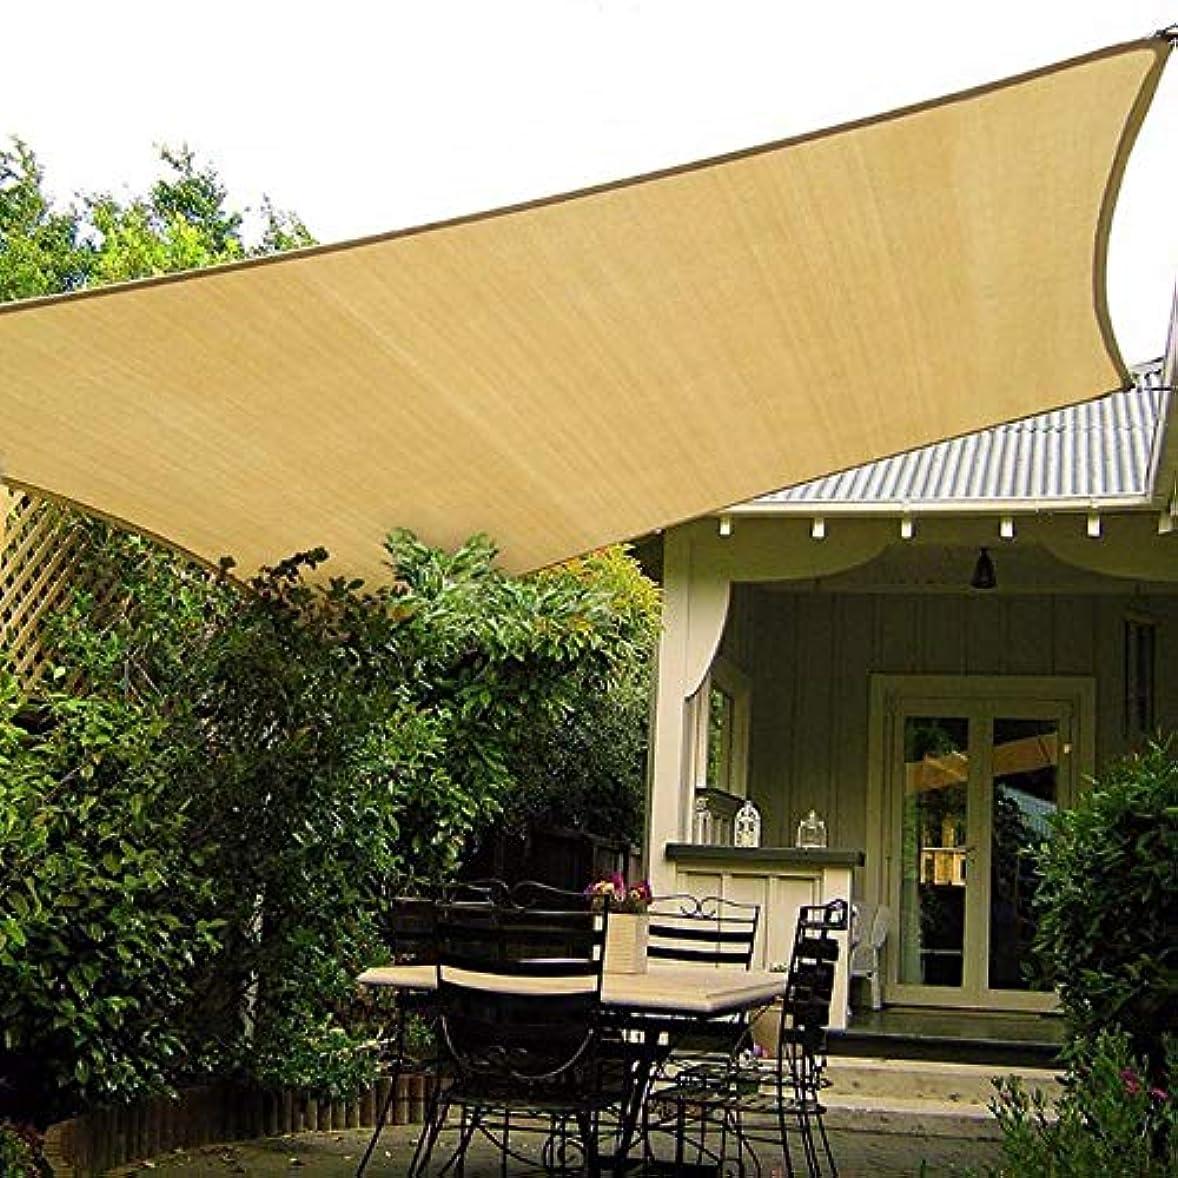 陪審星コーラス2×5メートル四角長方形unシェードコートヤードポリエステルオックスフォード布防水抗uv抗酸化ライト防雨